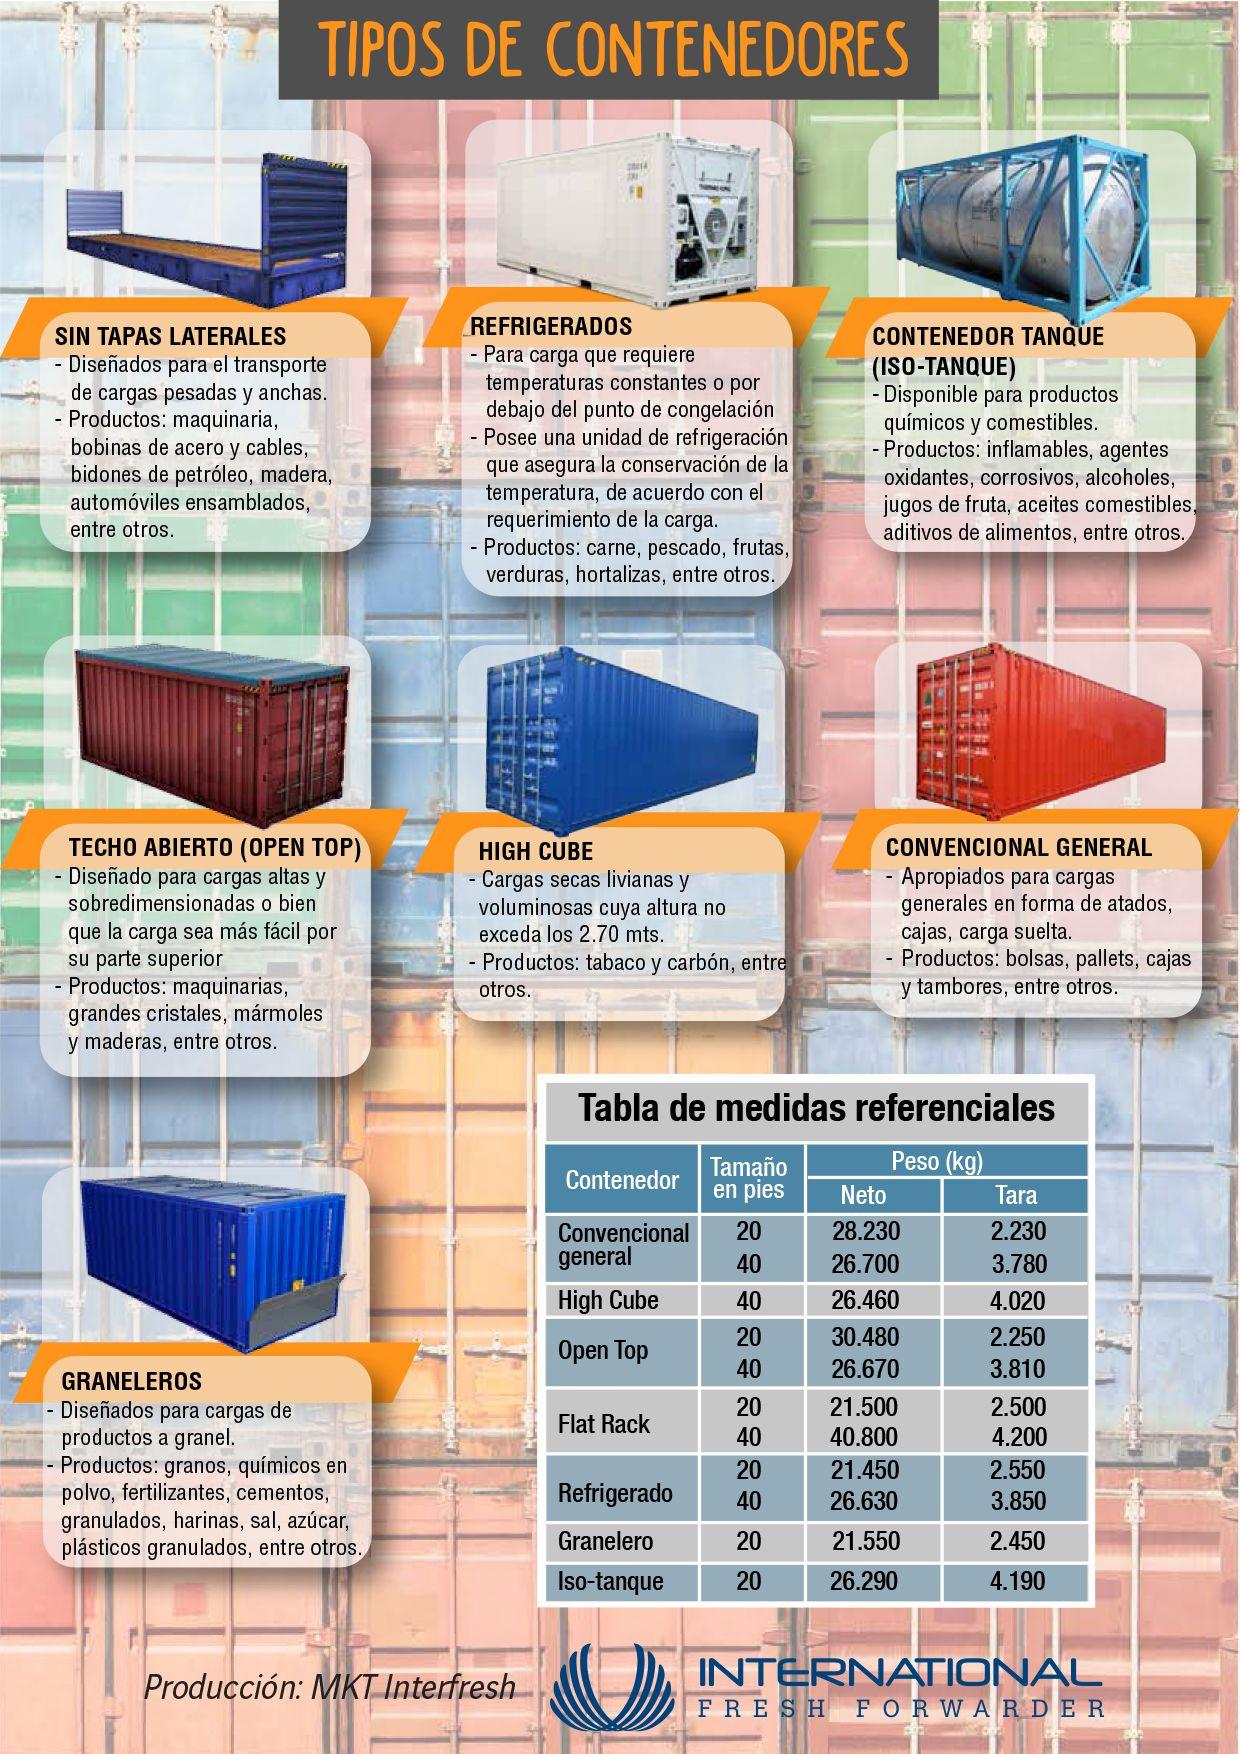 Tipos De Contenedores Comercio Exterior Y Aduanas Comercio Y Negocios Internacionales Negocios Internacionales